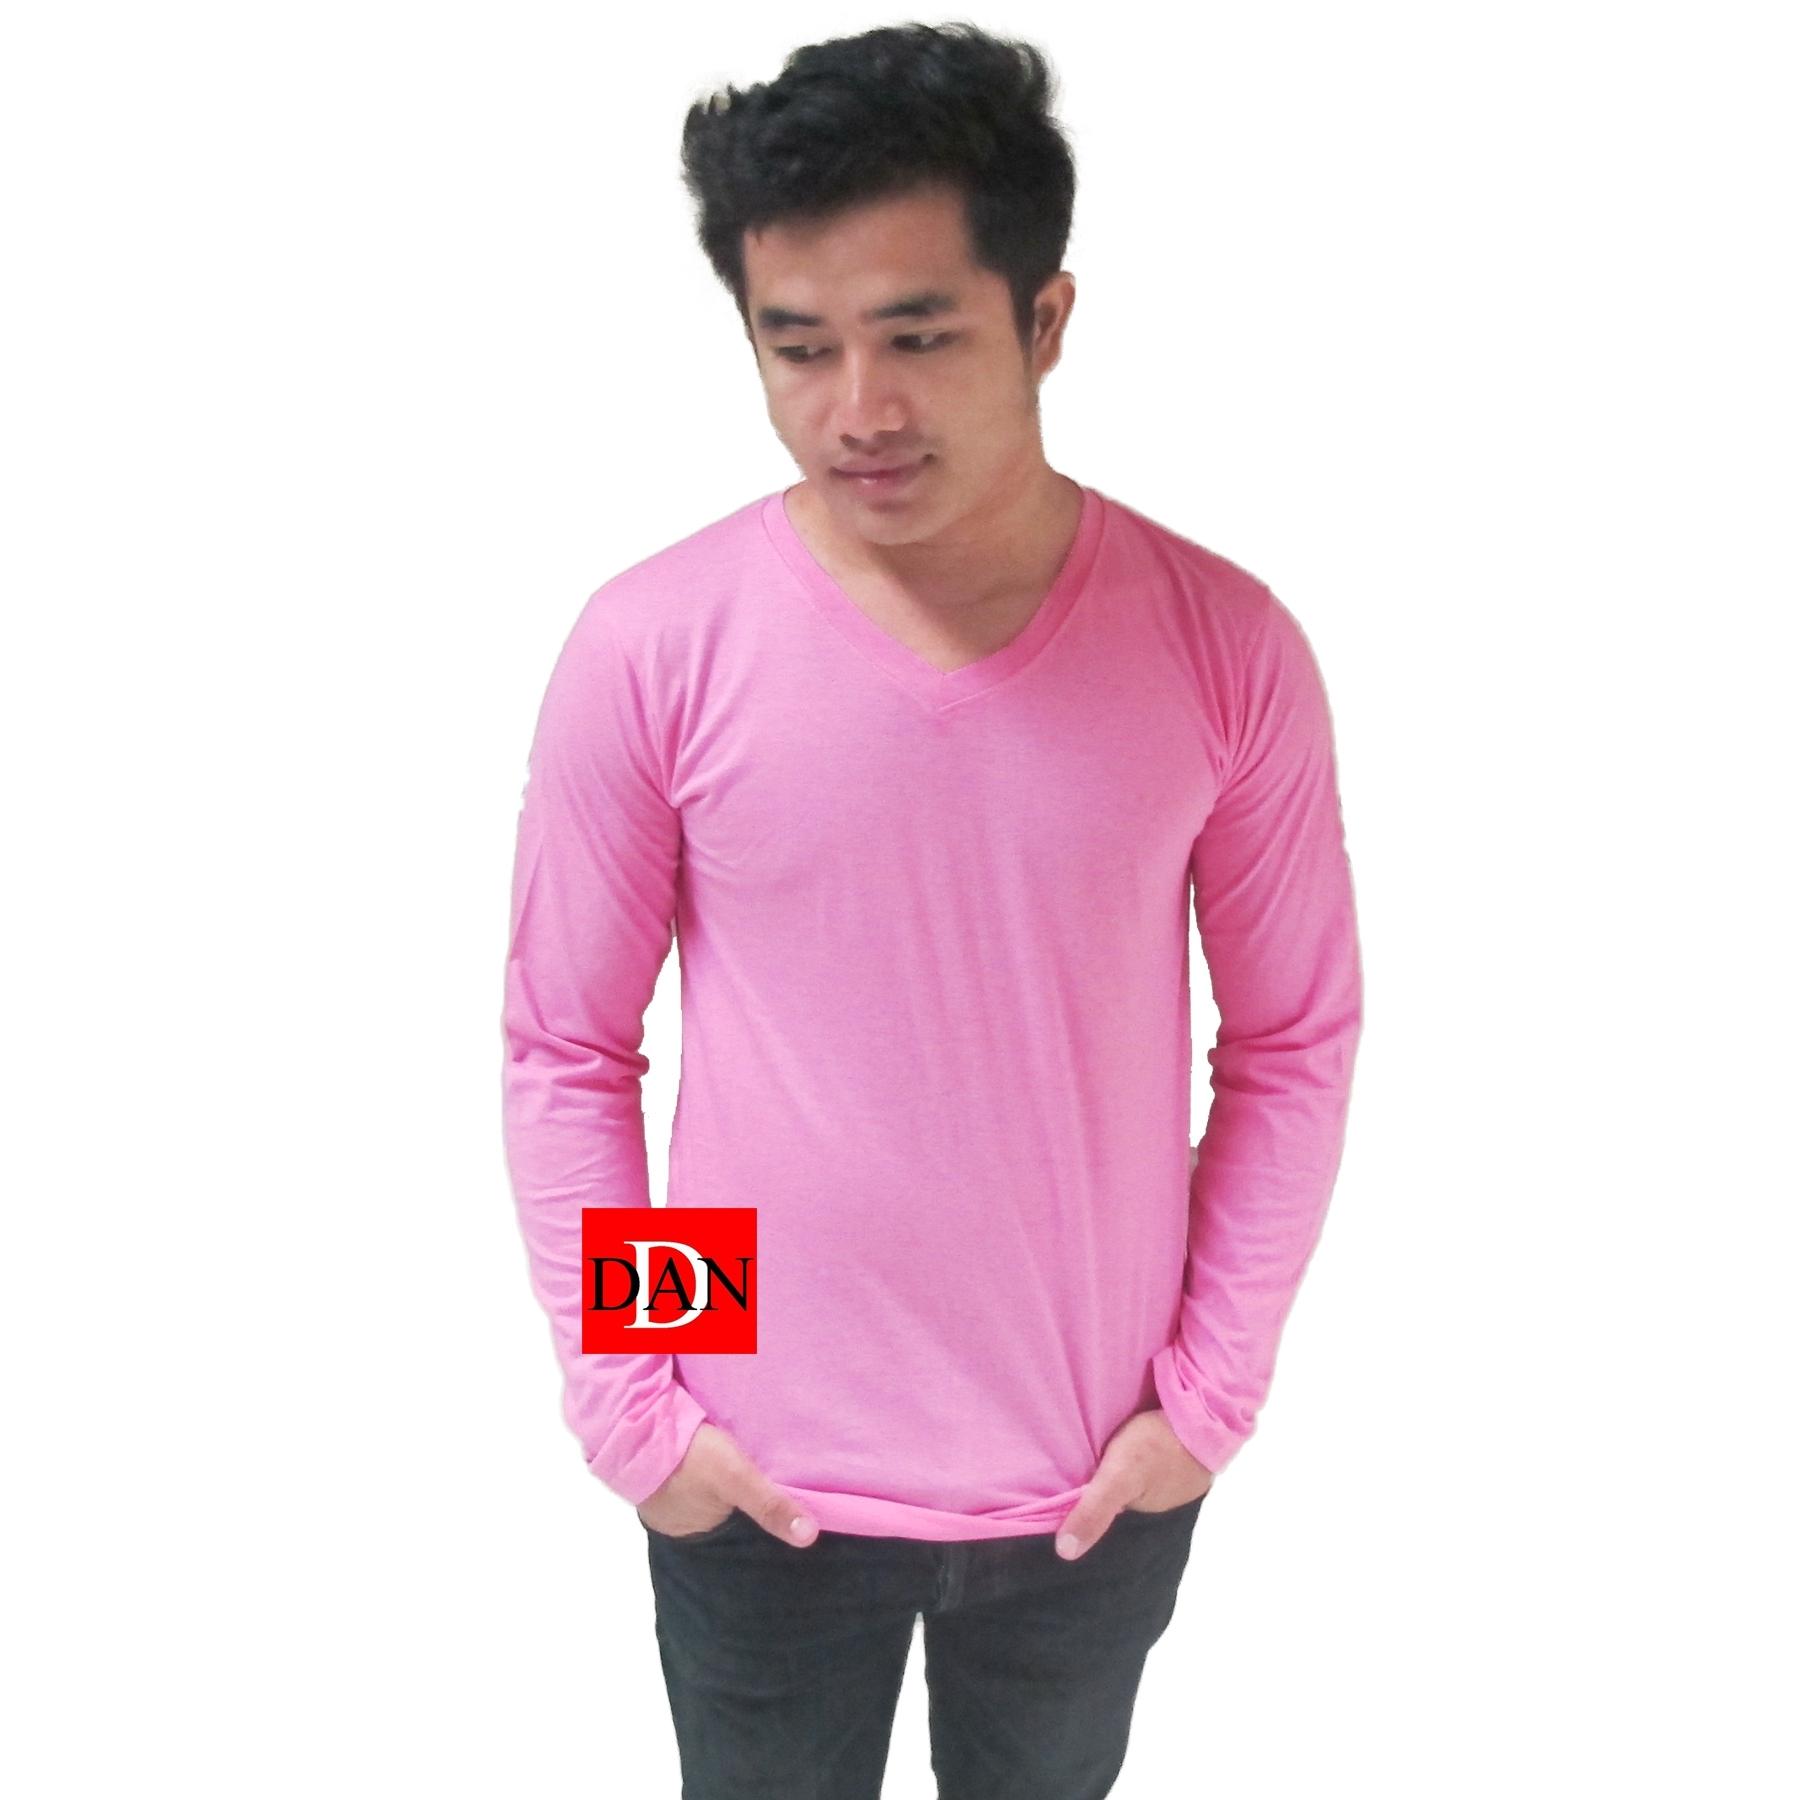 เสื้อแขนยาว คอวี สีชมพู